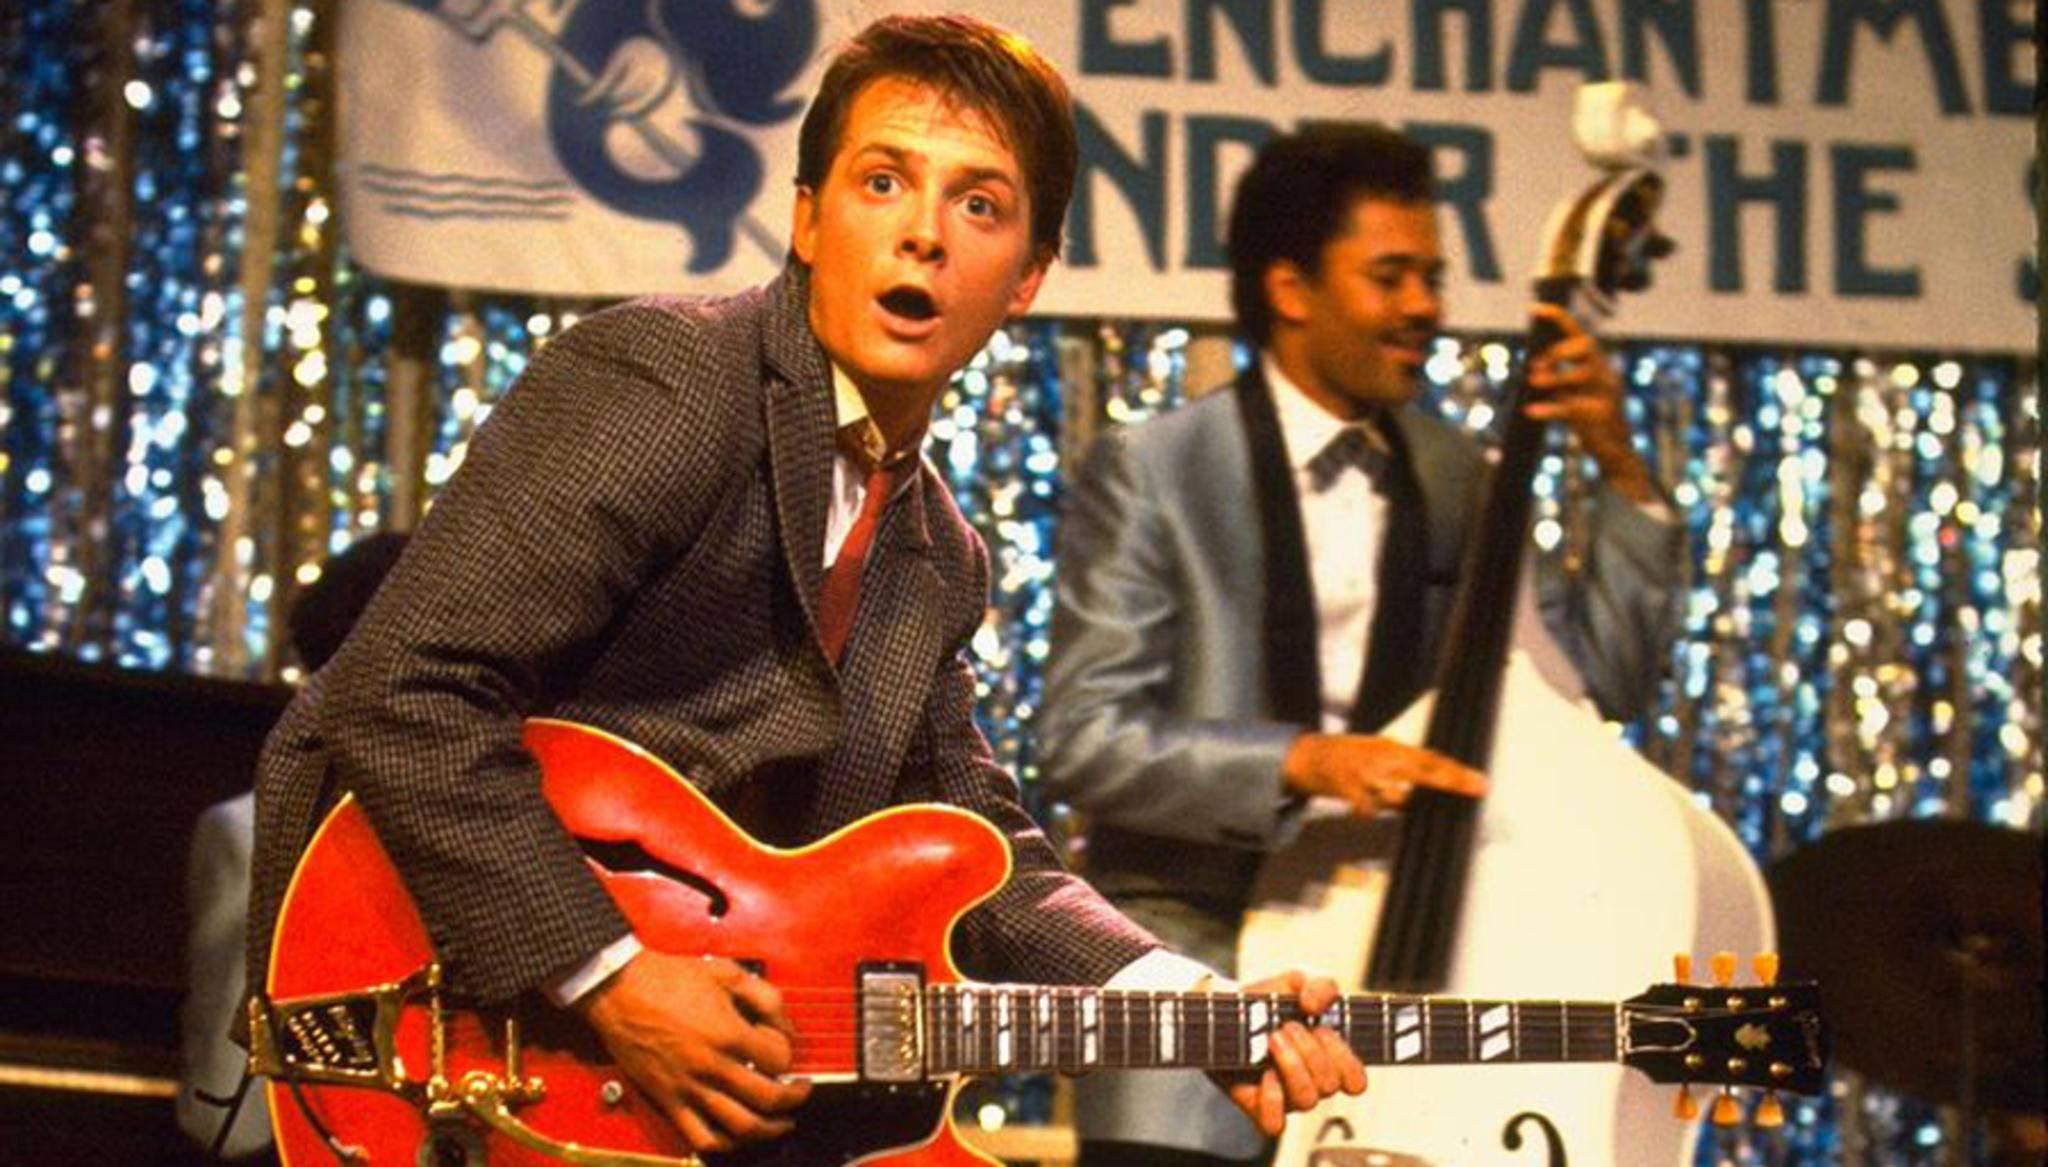 """Wenn Marty McFly """"Johnny B. Goode"""" spielt, hält es niemanden mehr auf den Sitzen!"""